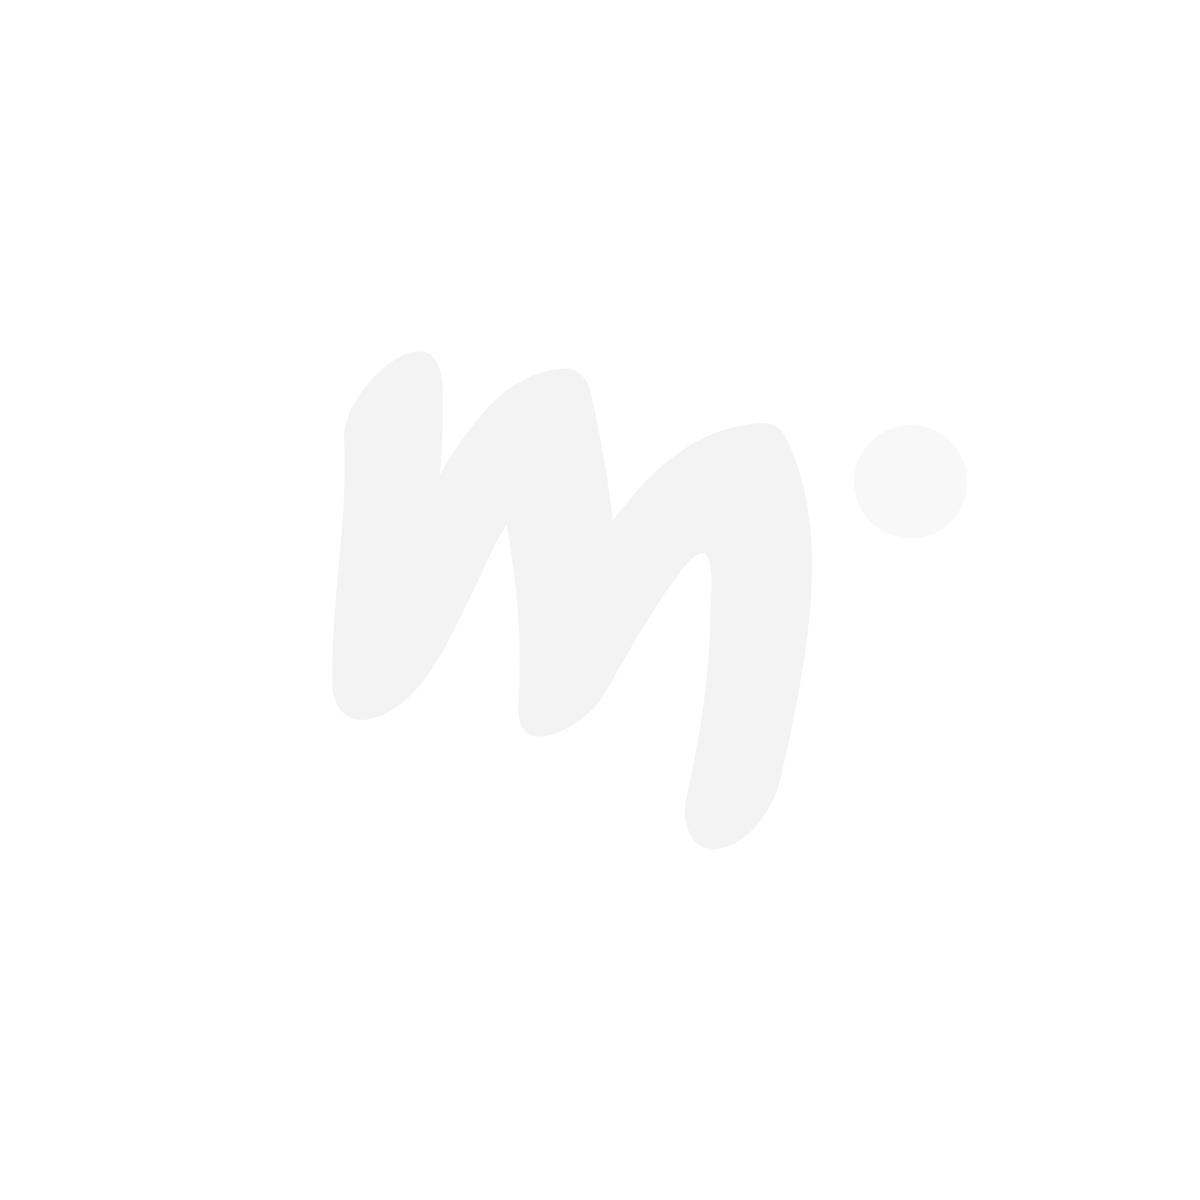 Peppi Pitkätossu Kärrynpyörä-tunika vaaleanpunainen